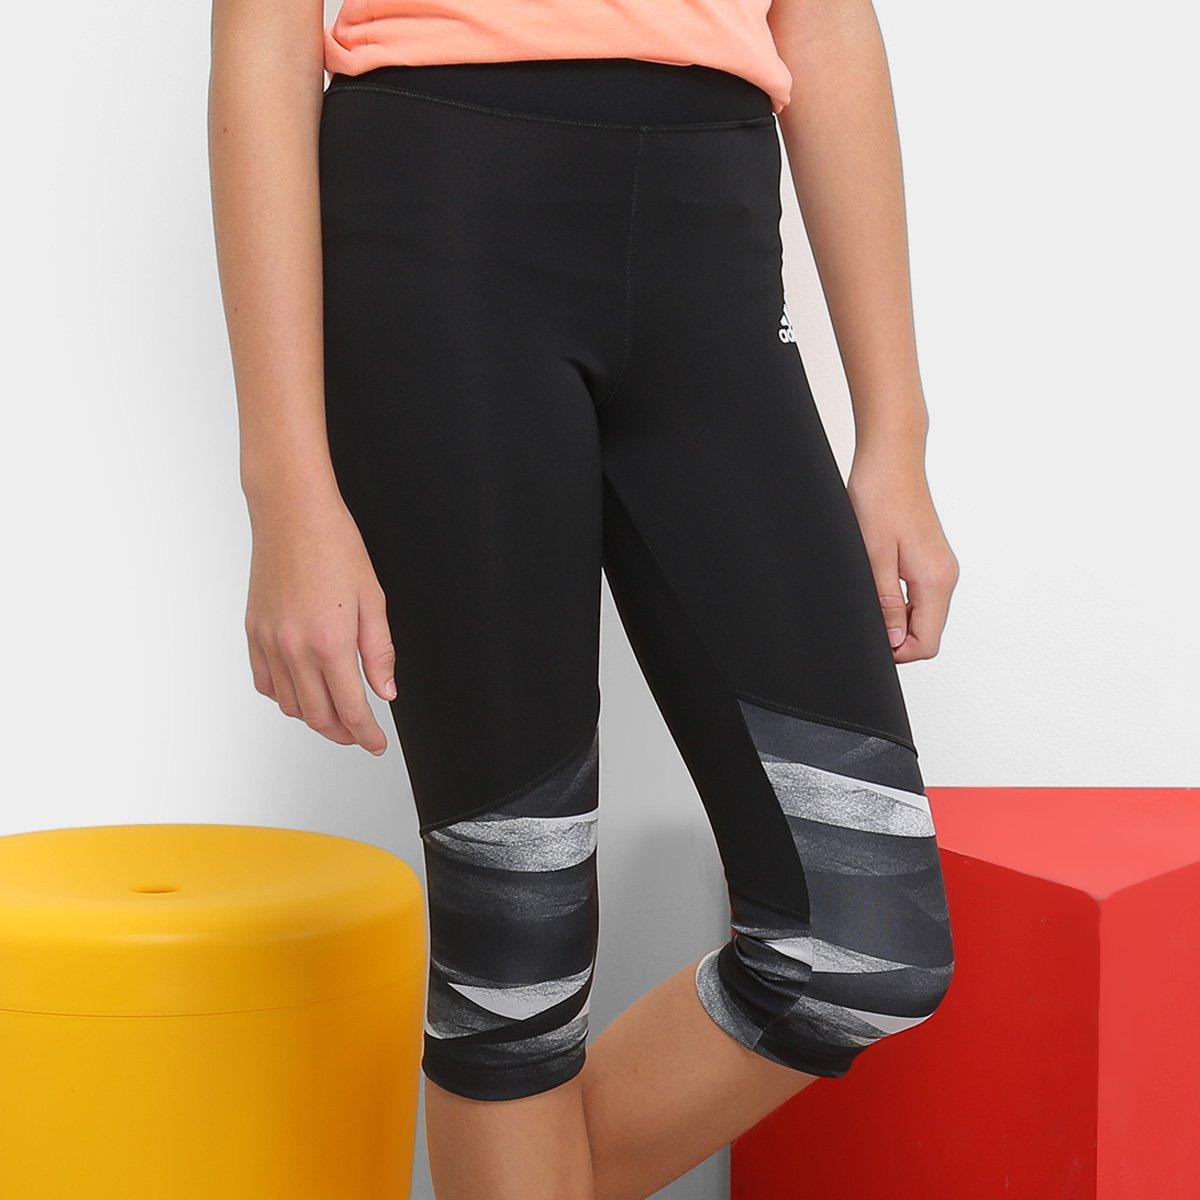 Calça Legging Infantil Adidas Yg Tr Wrap 34TI Feminina - Preto e ... a595ecf8a9a